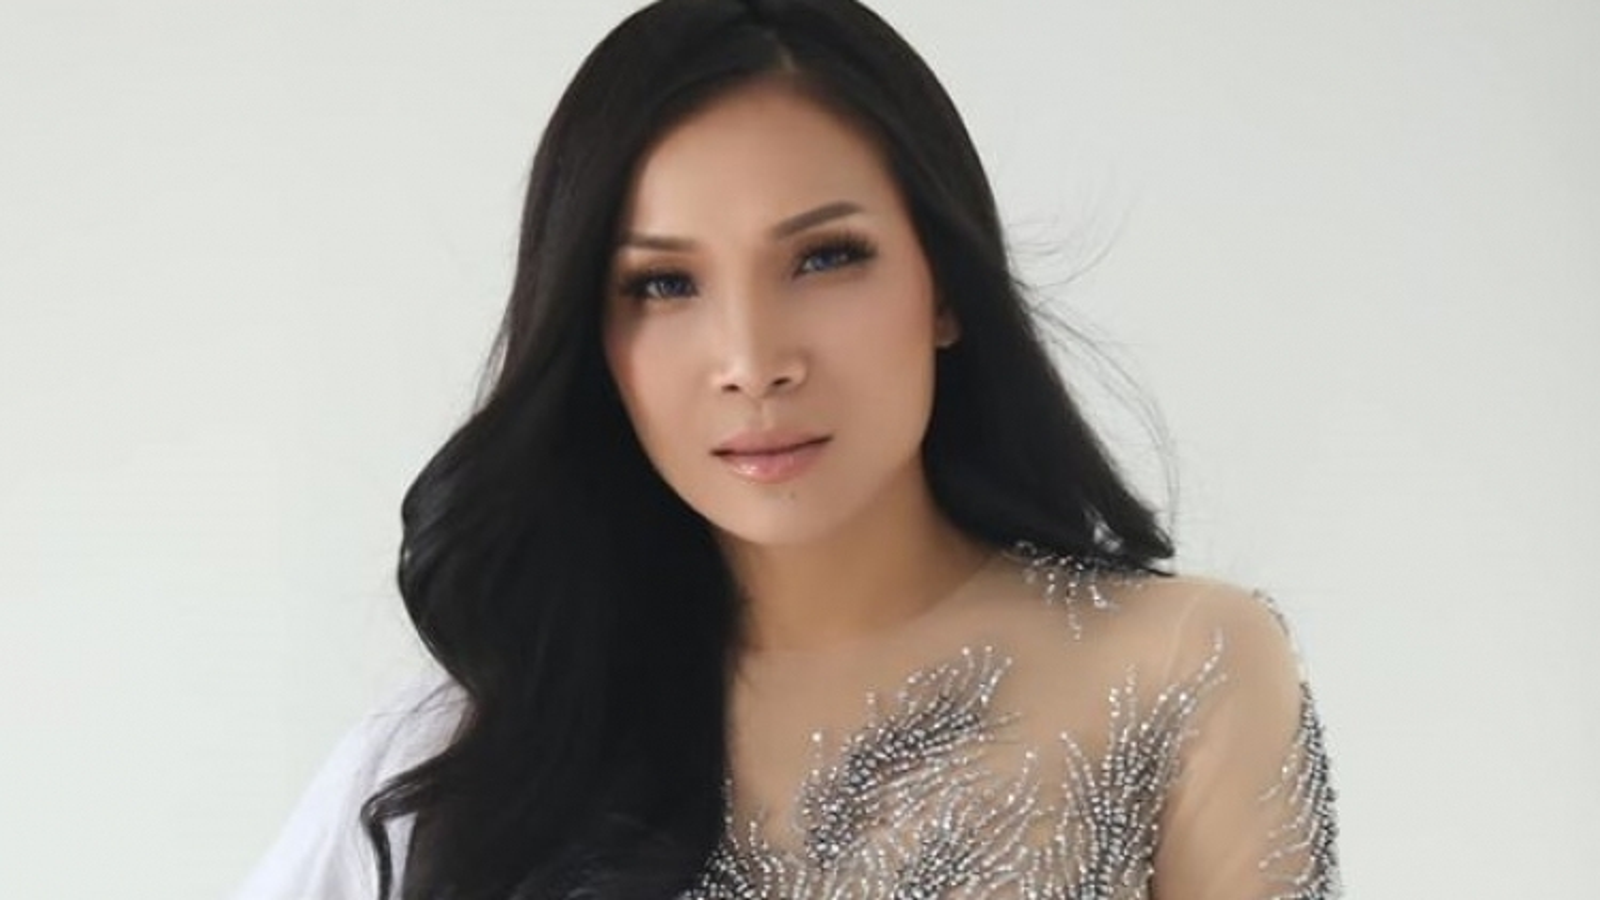 Ca sĩ Hồng Ngọc bị bỏng vì nổ nồi xông hơi, hủy đêm nhạc trực tuyến